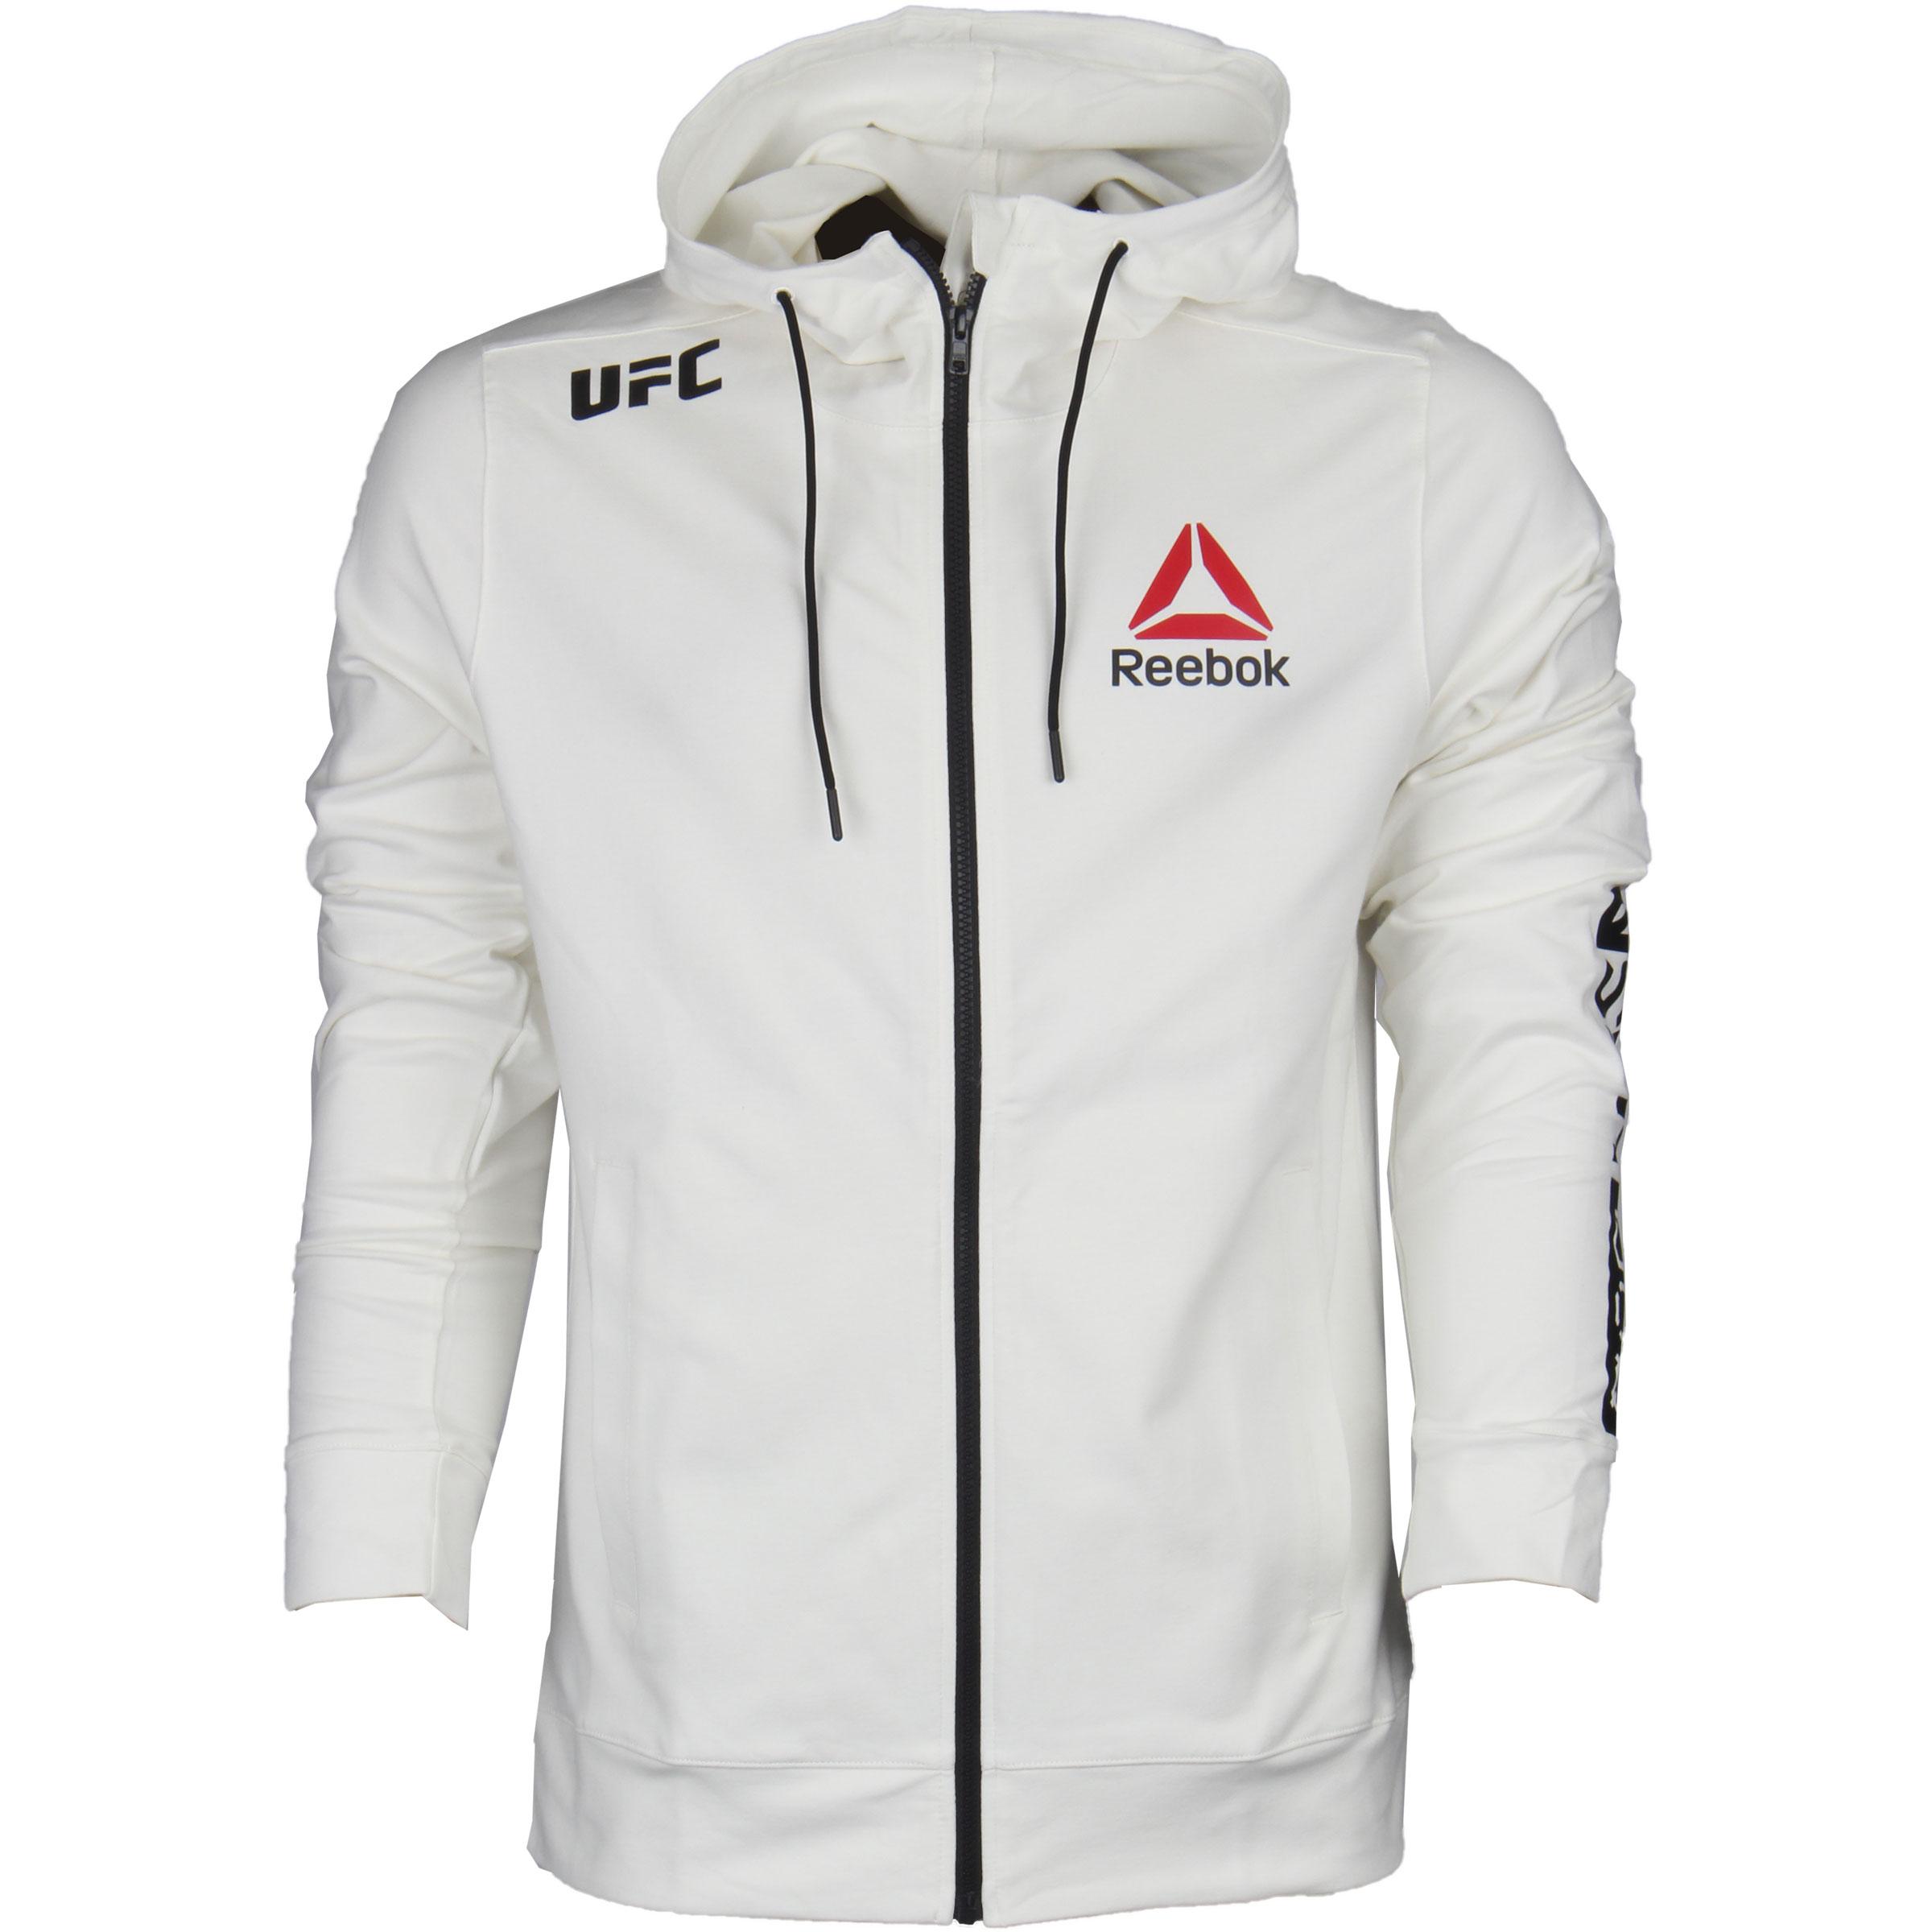 reebok ufc hoodie womens grey